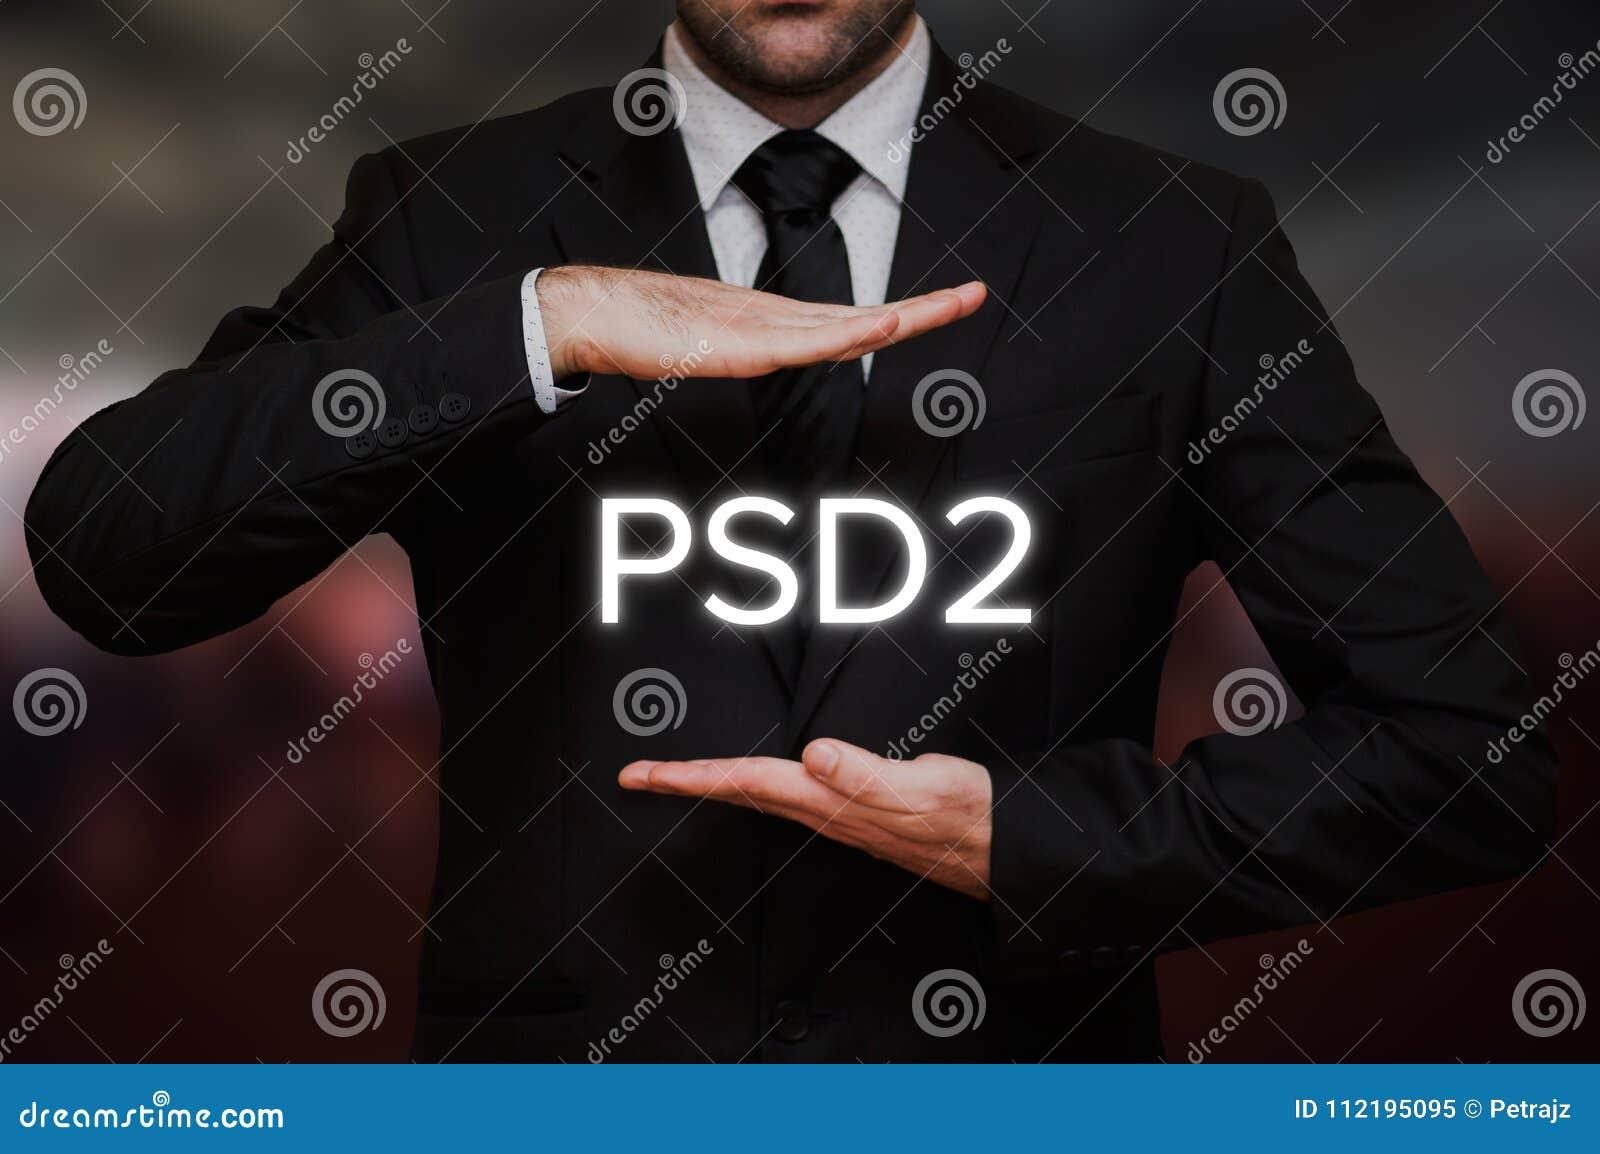 O pagamento presta serviços de manutenção à diretriz orientadora 2 PSD2